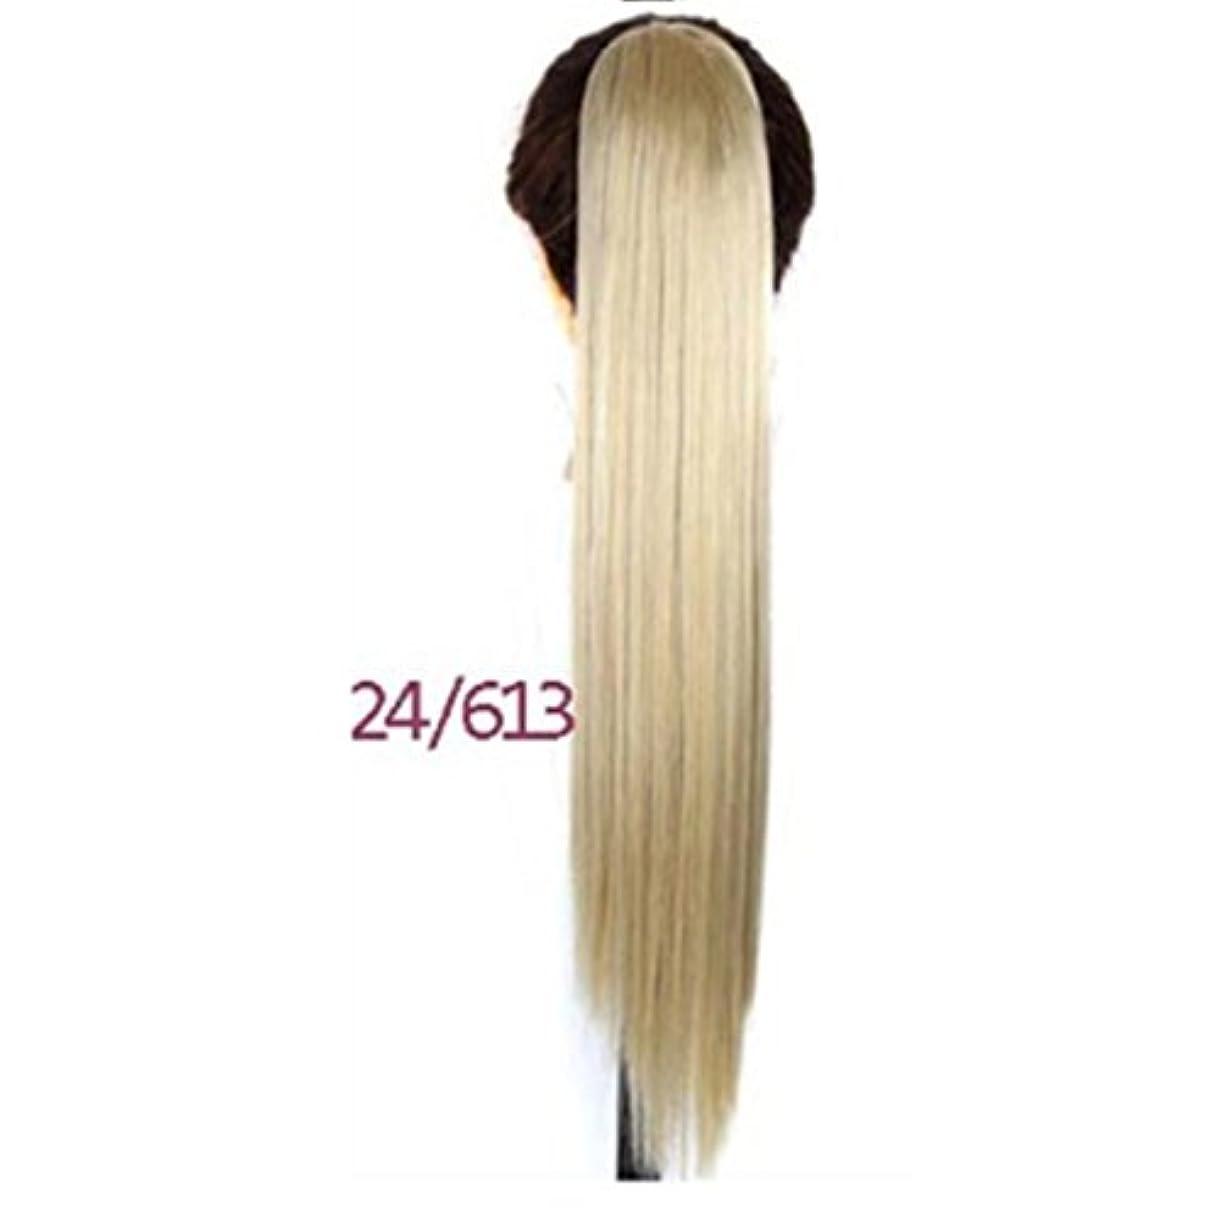 マスタードできればいらいらさせるJIANFU 女性のための24inch / 150g合成高温ヘアピースの長さストレートポニーテール爪クリップロングストレートヘアエクステンション (Color : 24/613#)